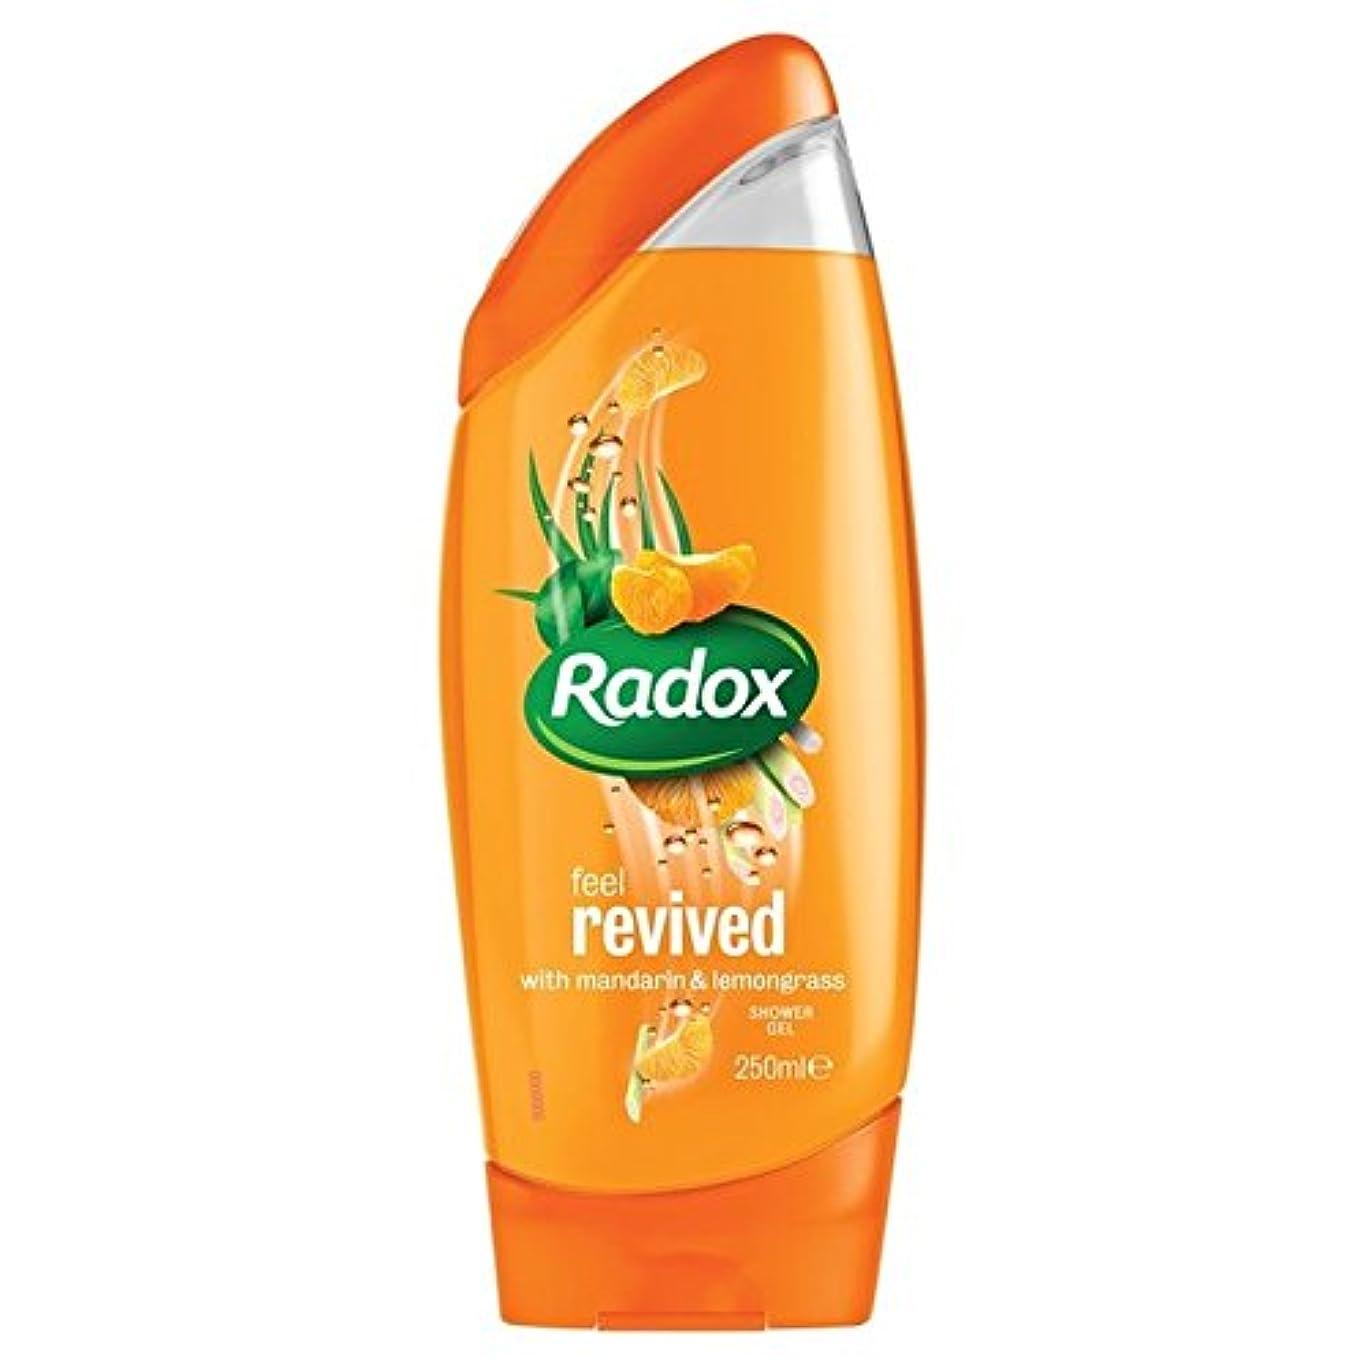 農業の叫び声ウッズのみかんは、シャワージェル250ミリリットルを復活させます x4 - Radox Mandarin Revive Shower Gel 250ml (Pack of 4) [並行輸入品]